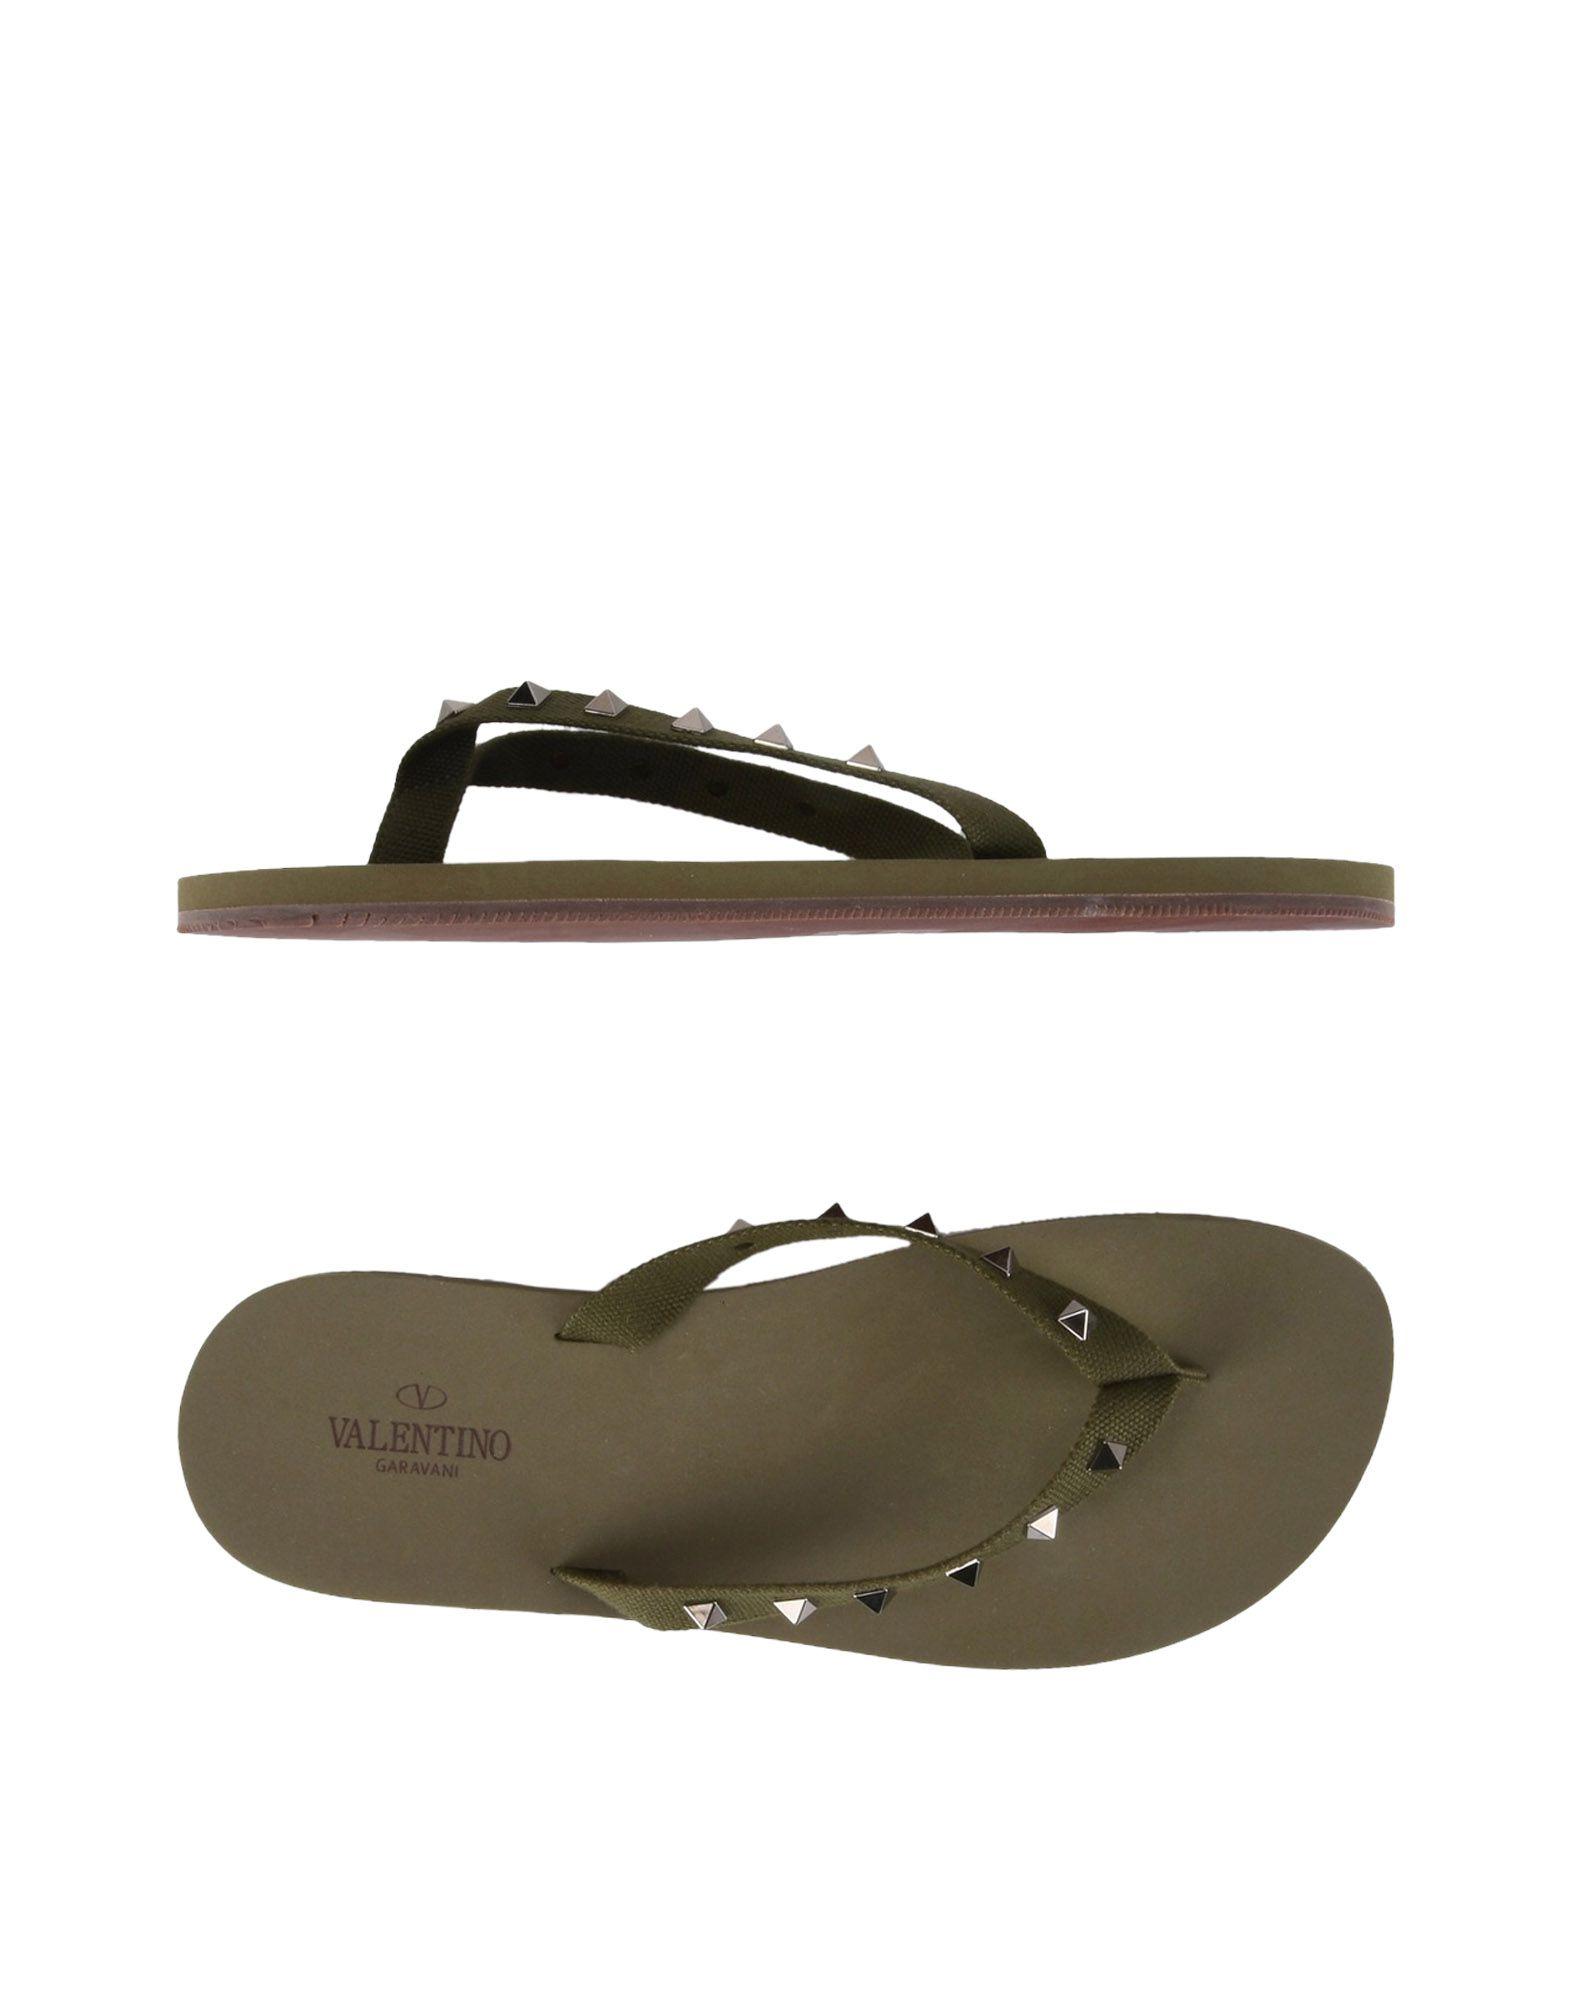 Valentino Garavani Dianetten Herren  11212958DA Gute Qualität beliebte Schuhe